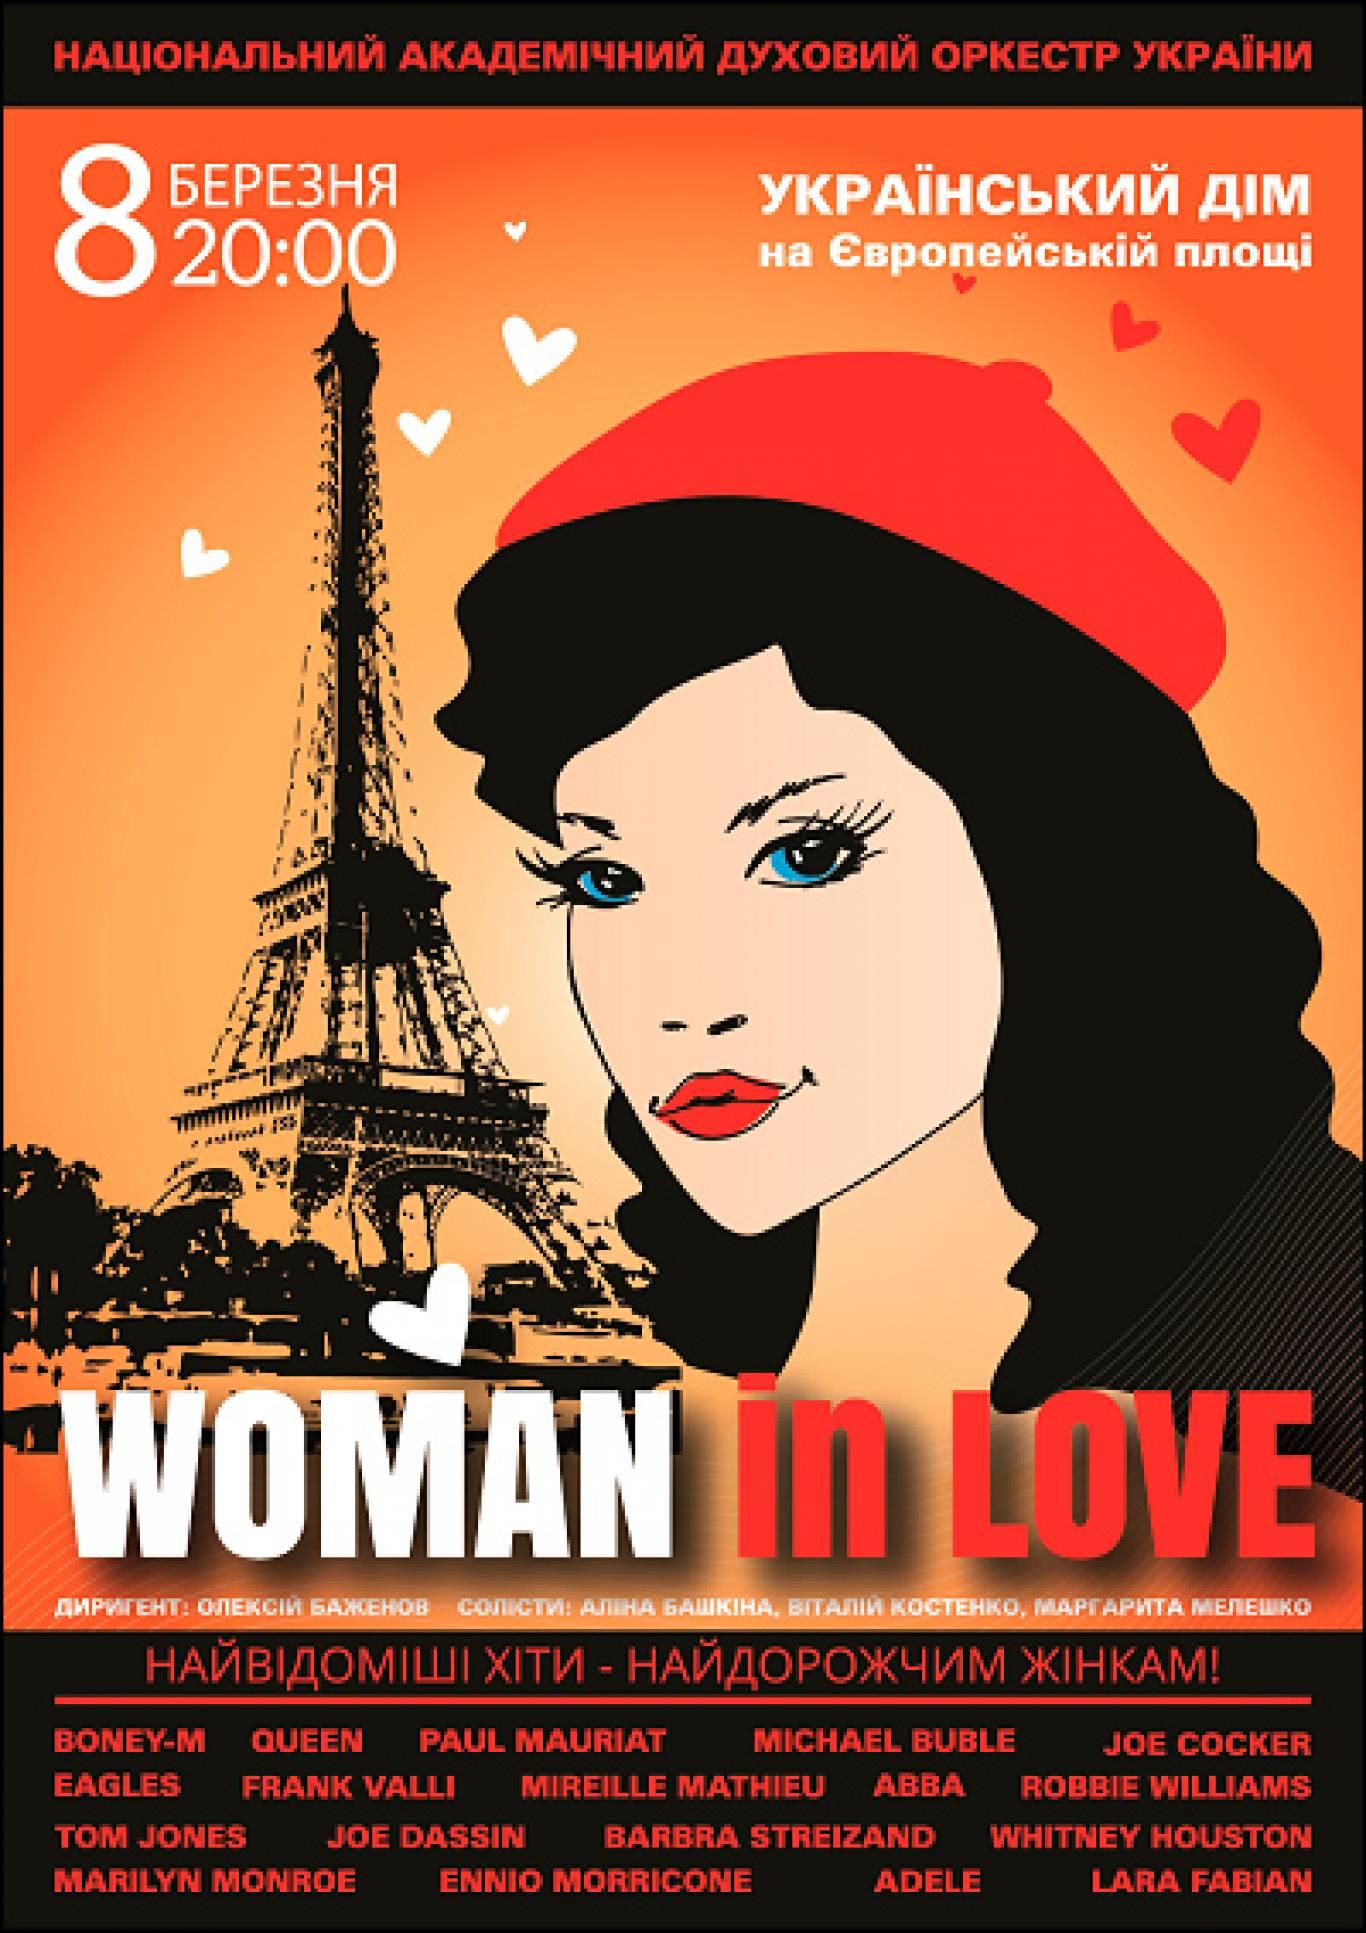 Концерт «Woman in Love» в Українському Домі